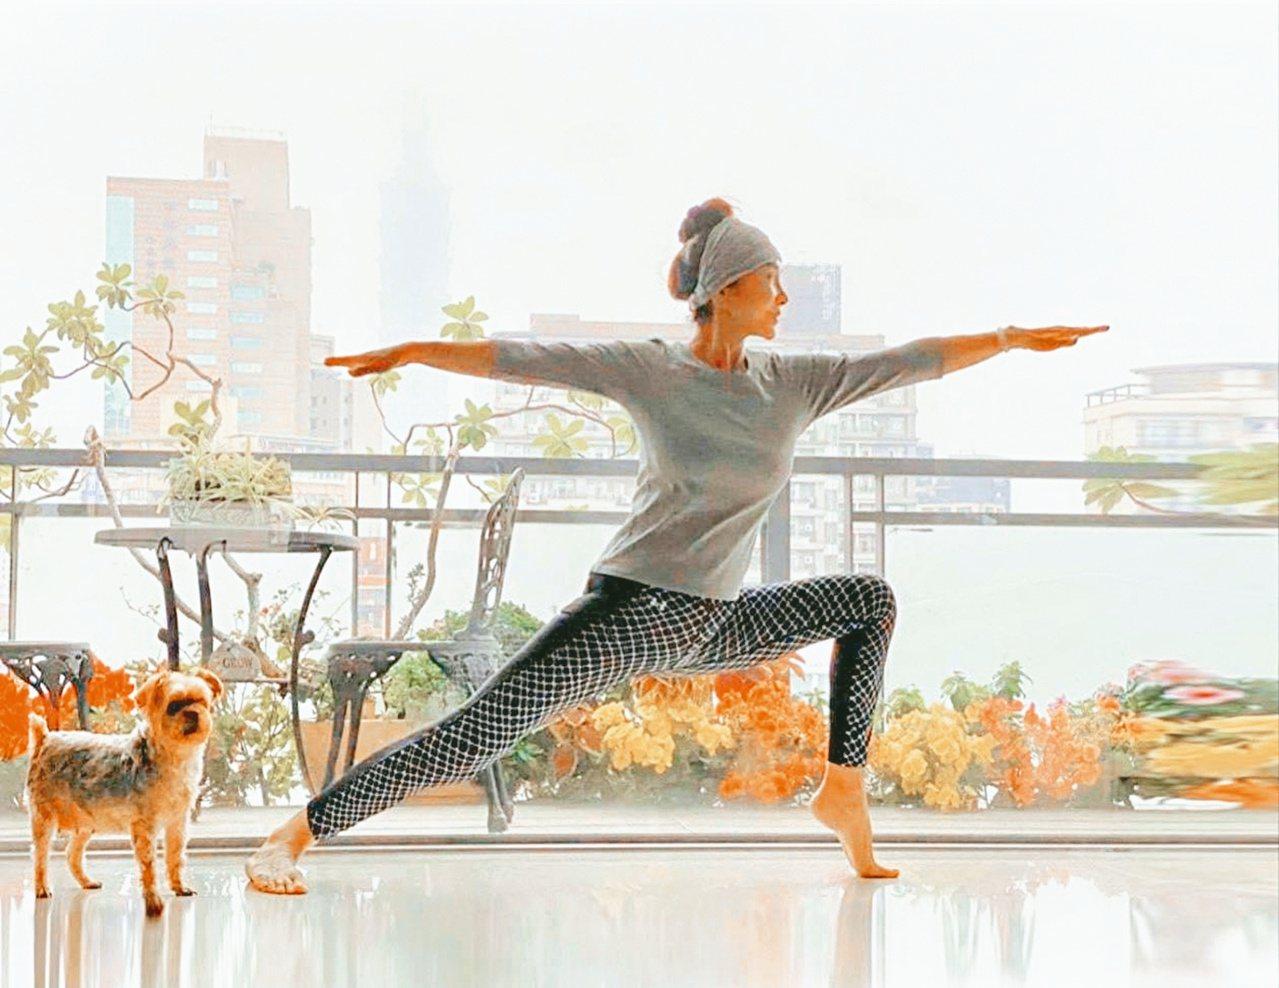 陳美鳳每周固定做瑜伽舒展筋骨。圖/摘自臉書